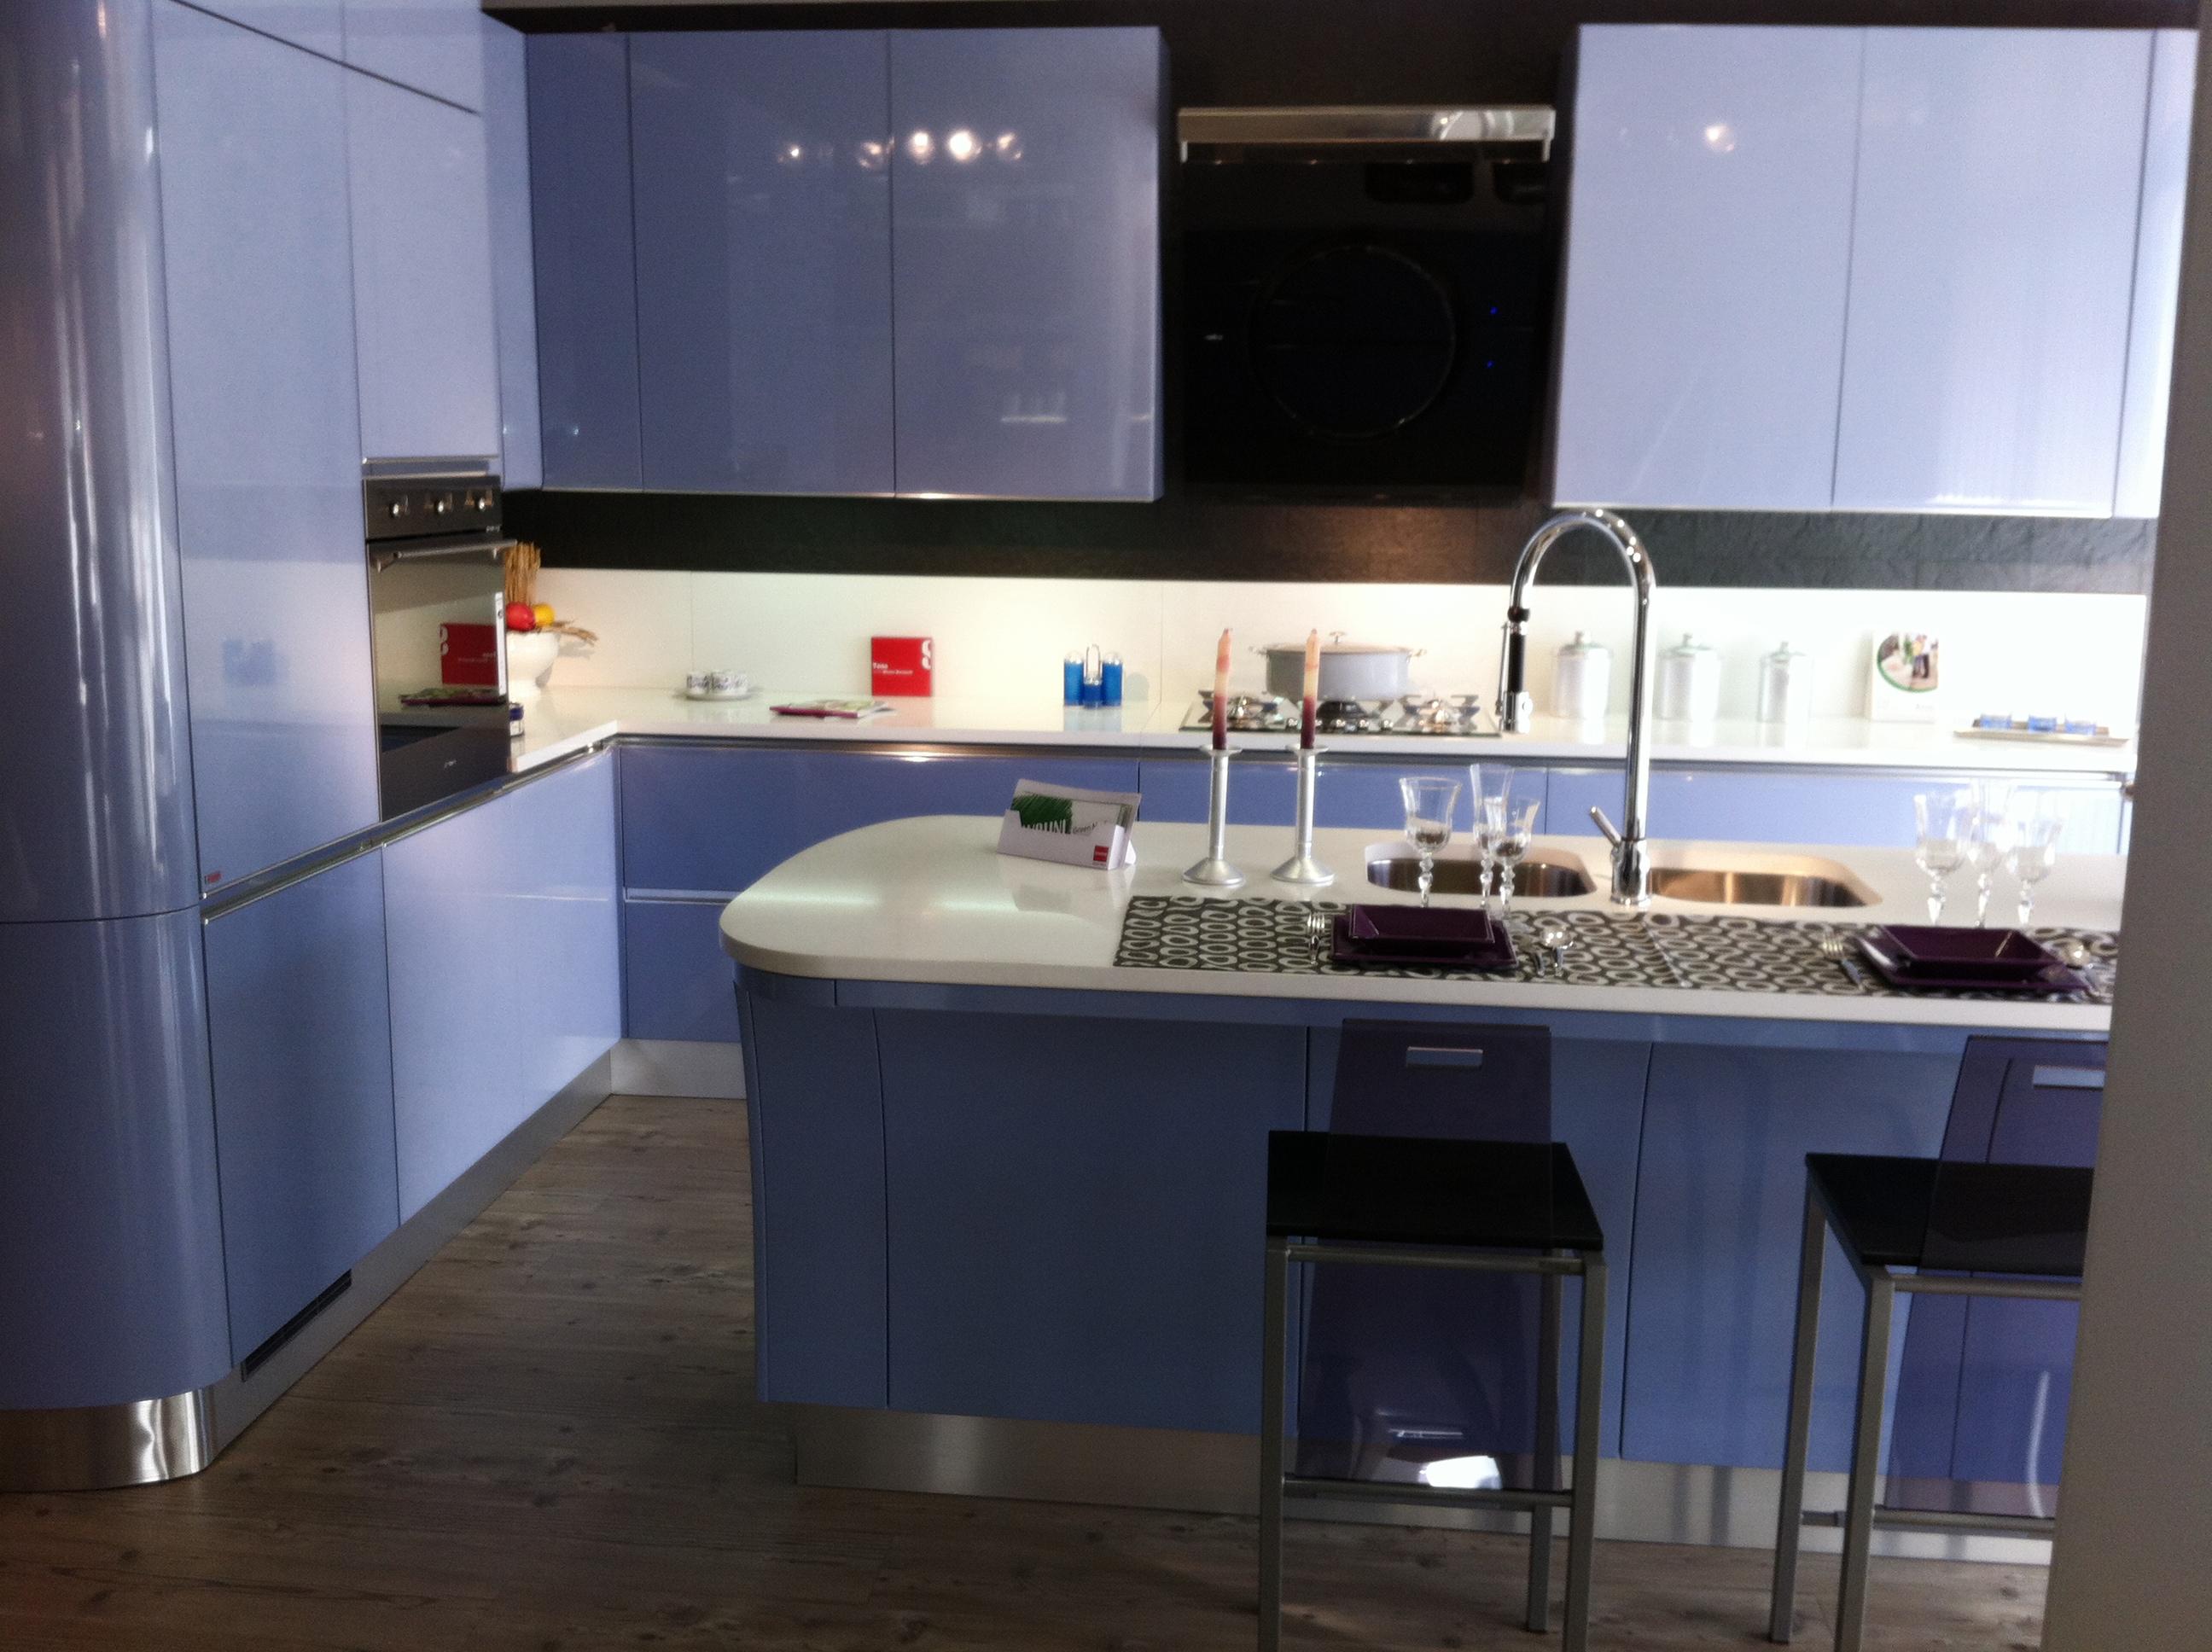 Offerta Scavolini Tess Azzurra - Cucine a prezzi scontati